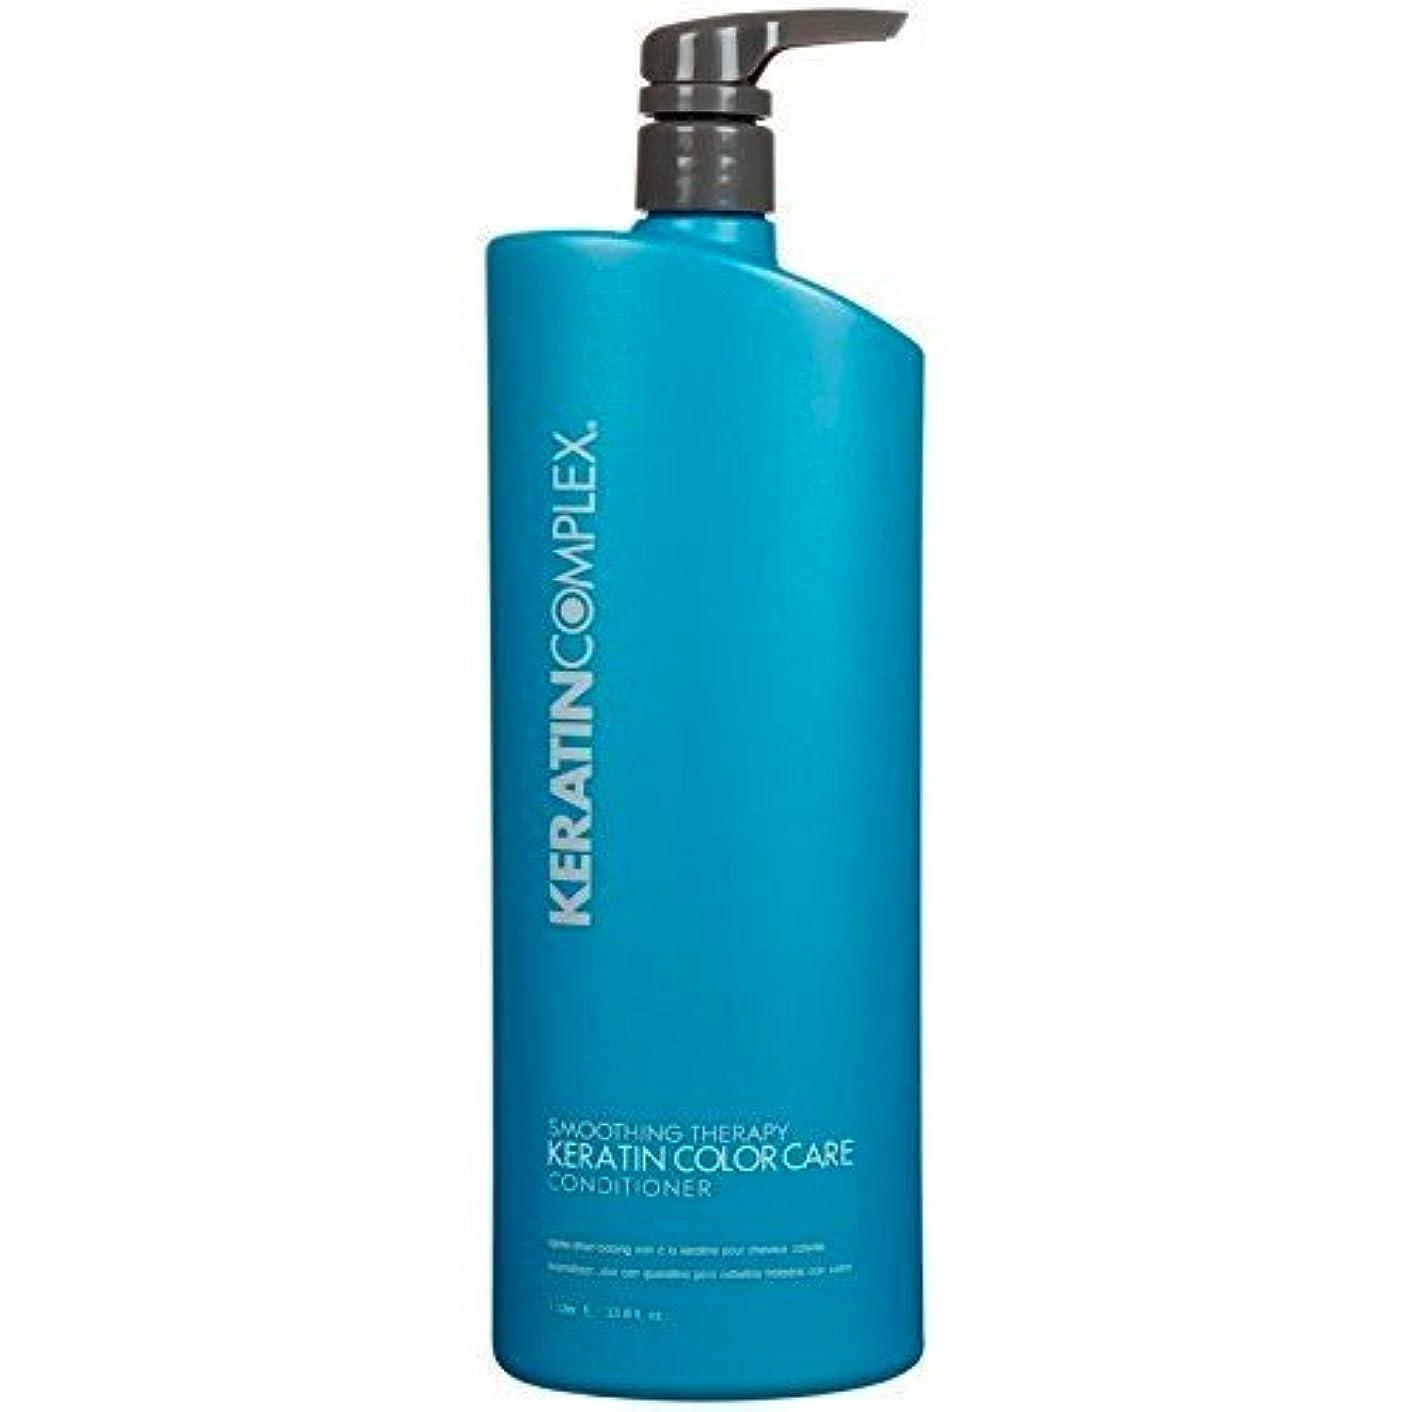 布ギャラントリーネコケラチンコンプレックス Smoothing Therapy Keratin Color Care Conditioner (For All Hair Types) 1000ml